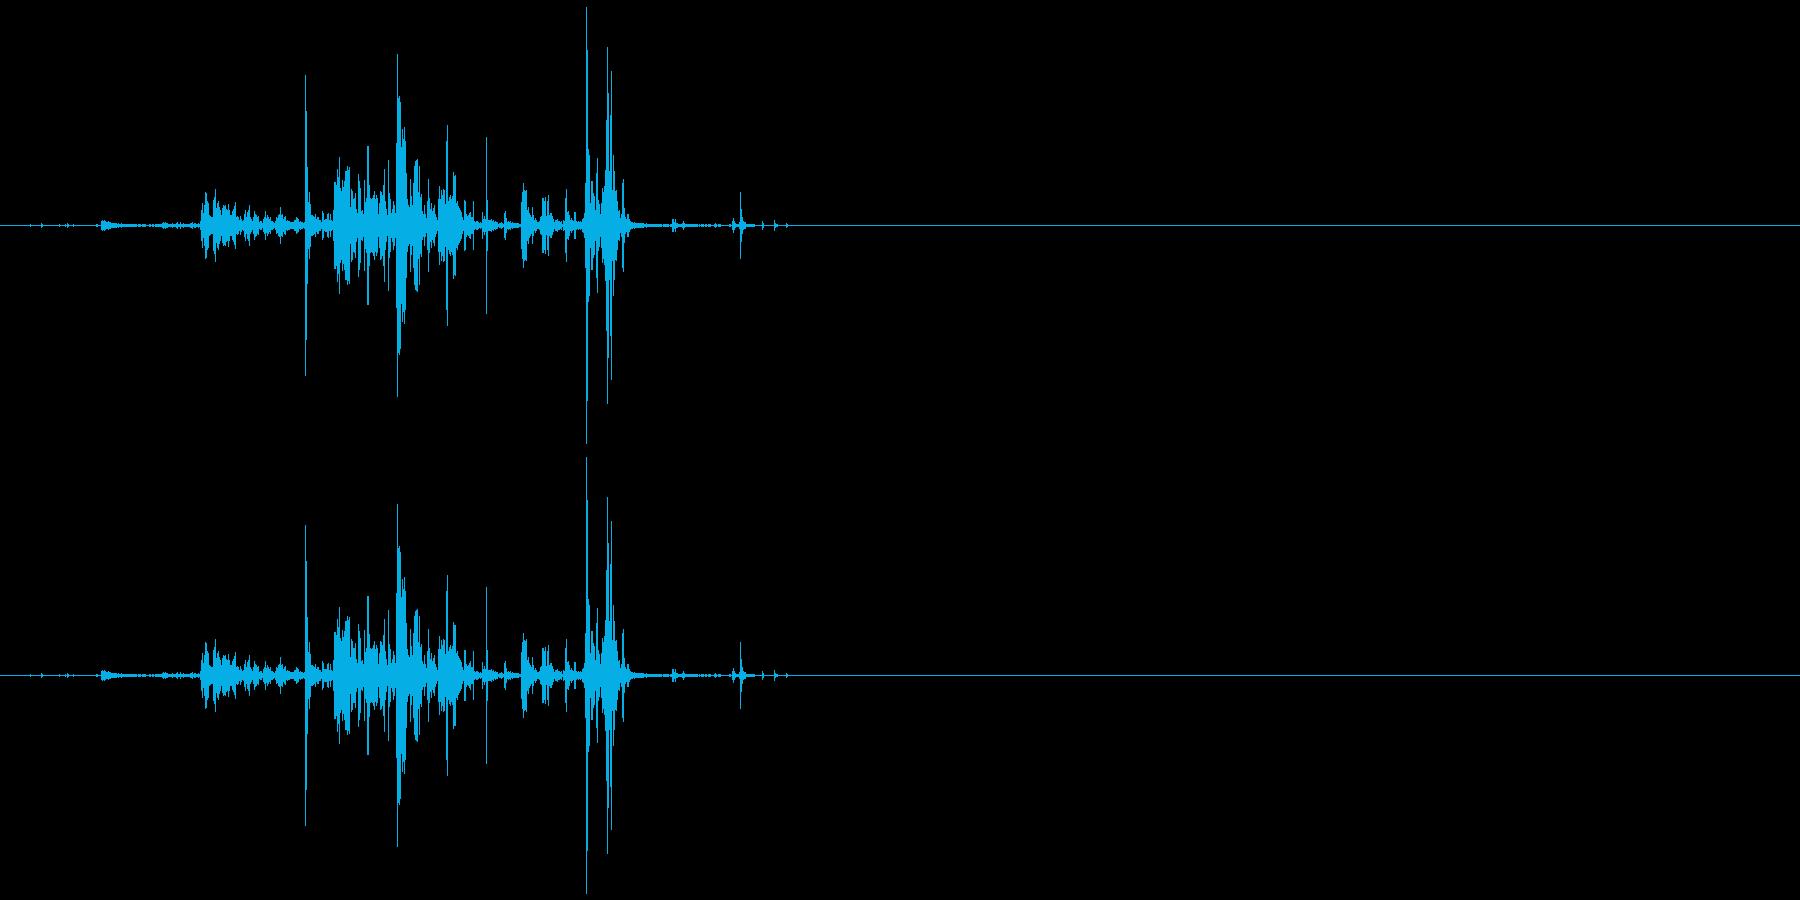 モンスターの口が開くような音4の再生済みの波形